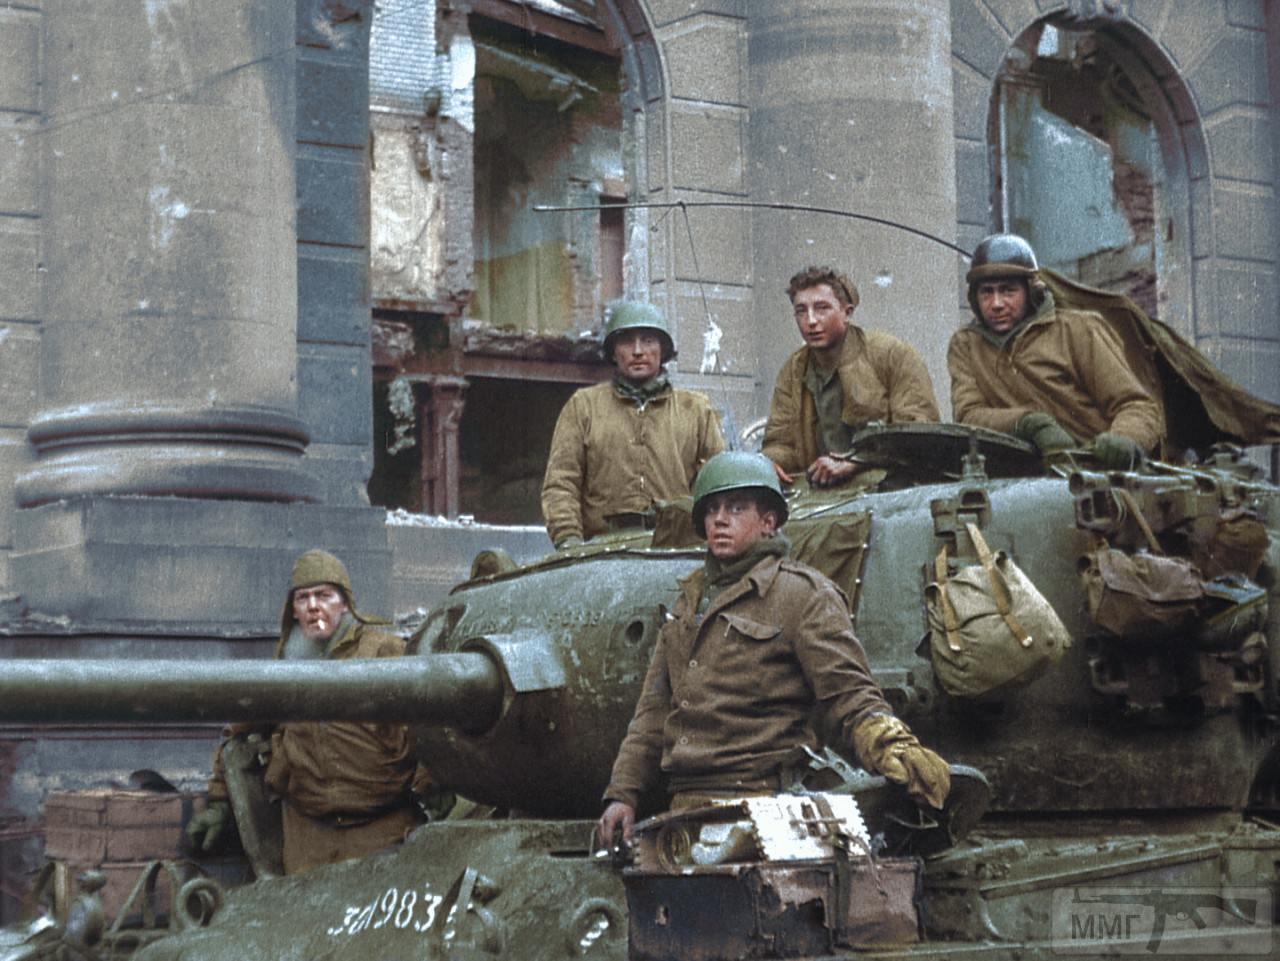 109576 - Военное фото 1939-1945 г.г. Западный фронт и Африка.